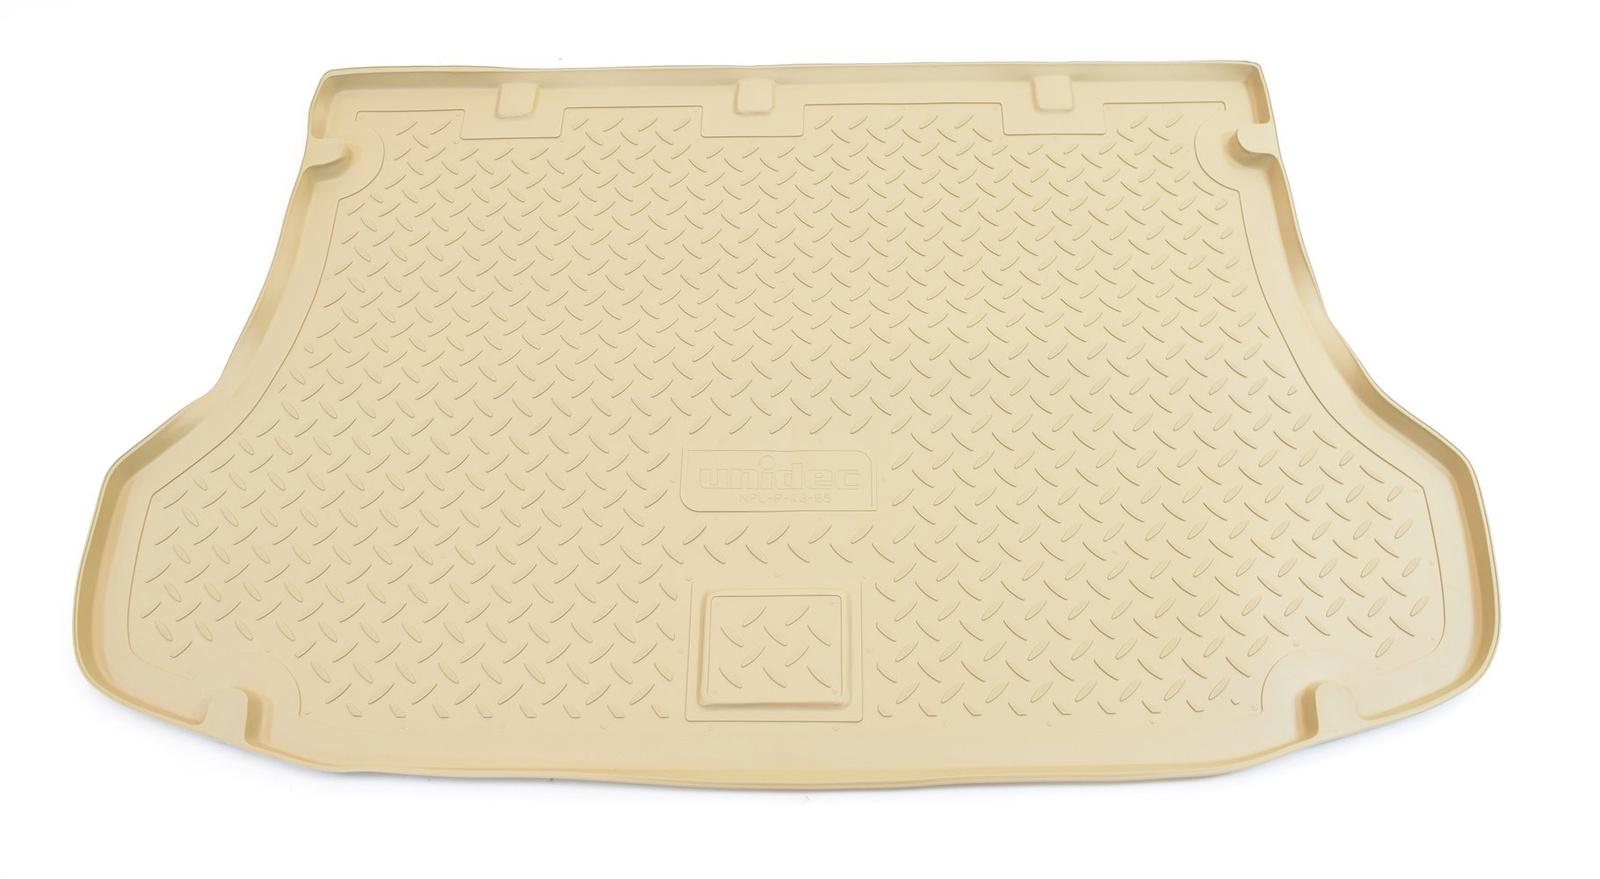 Коврик багажника Norplast для Kia Sorento JC 2002-2009, NPL-P-43-65-B, бежевый